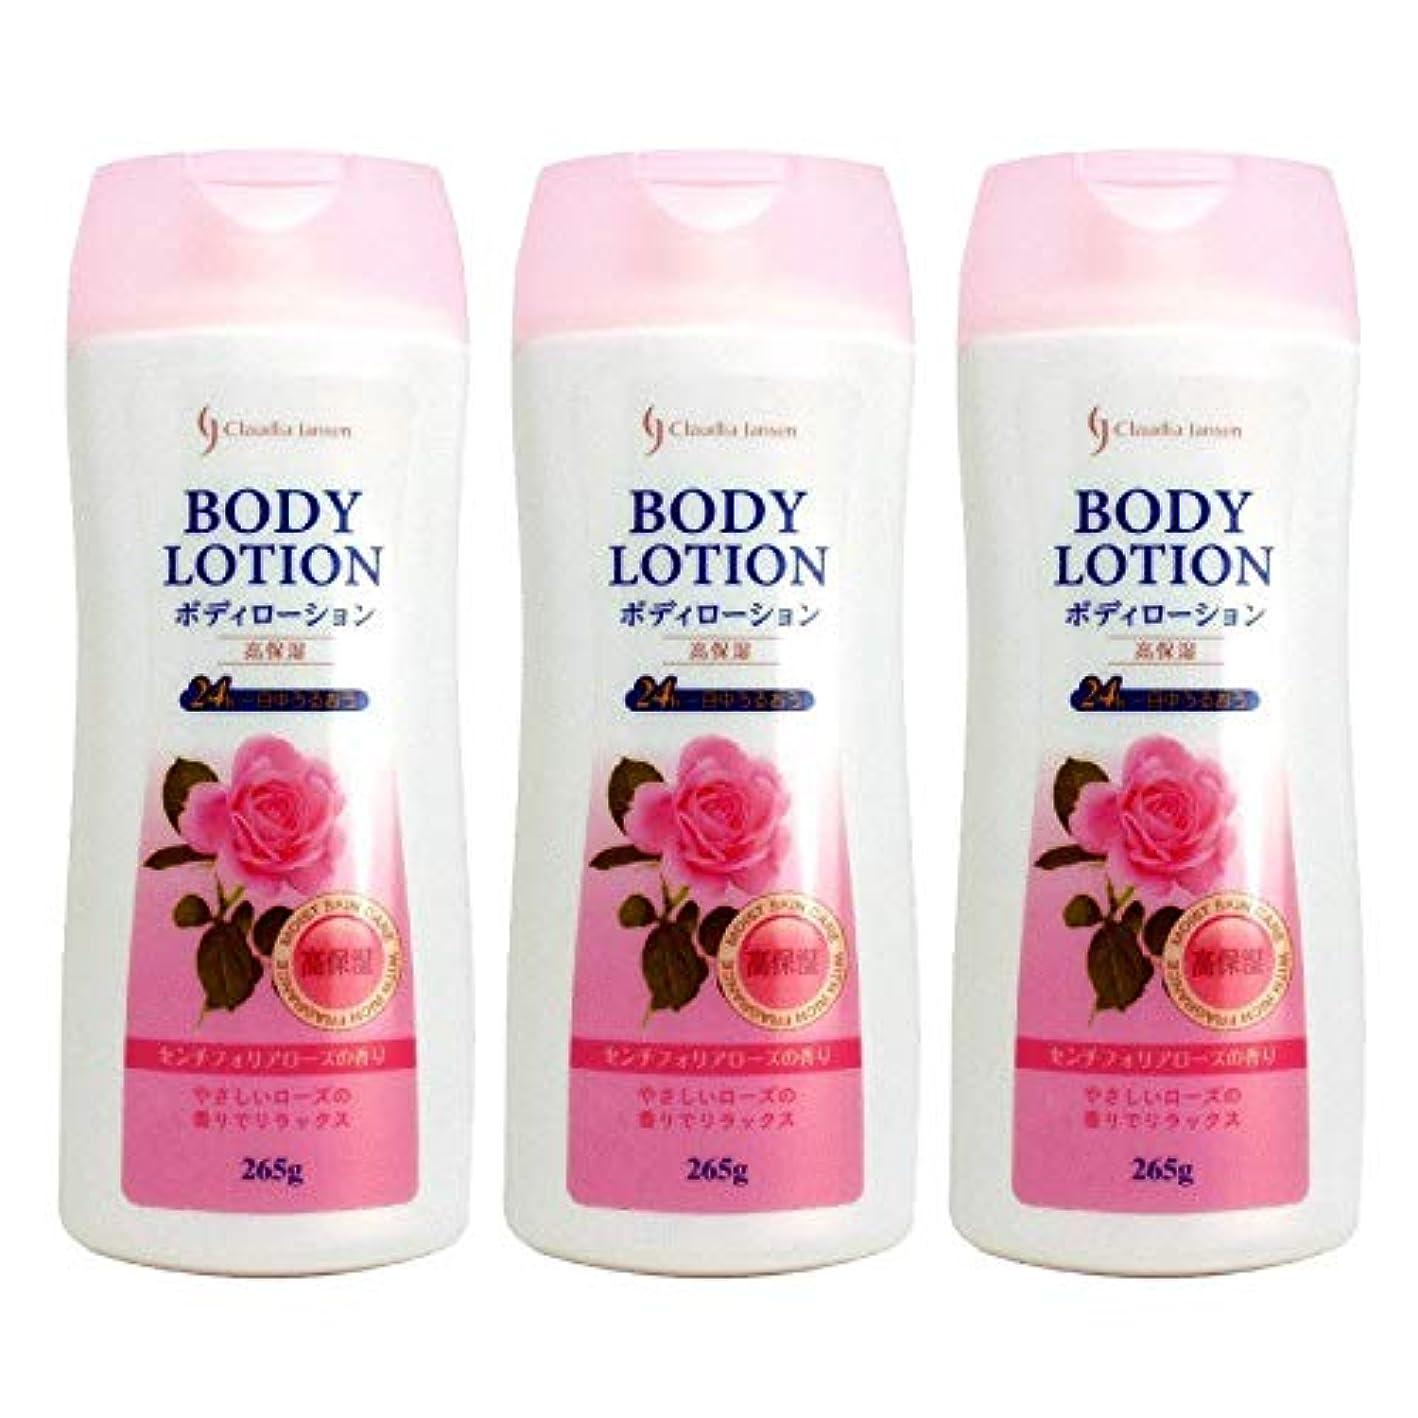 バラ色仲人ゆりボディローション センチフォリアローズの香り 265g 3本セット 人気 ボディクリーム 高保湿成分配合